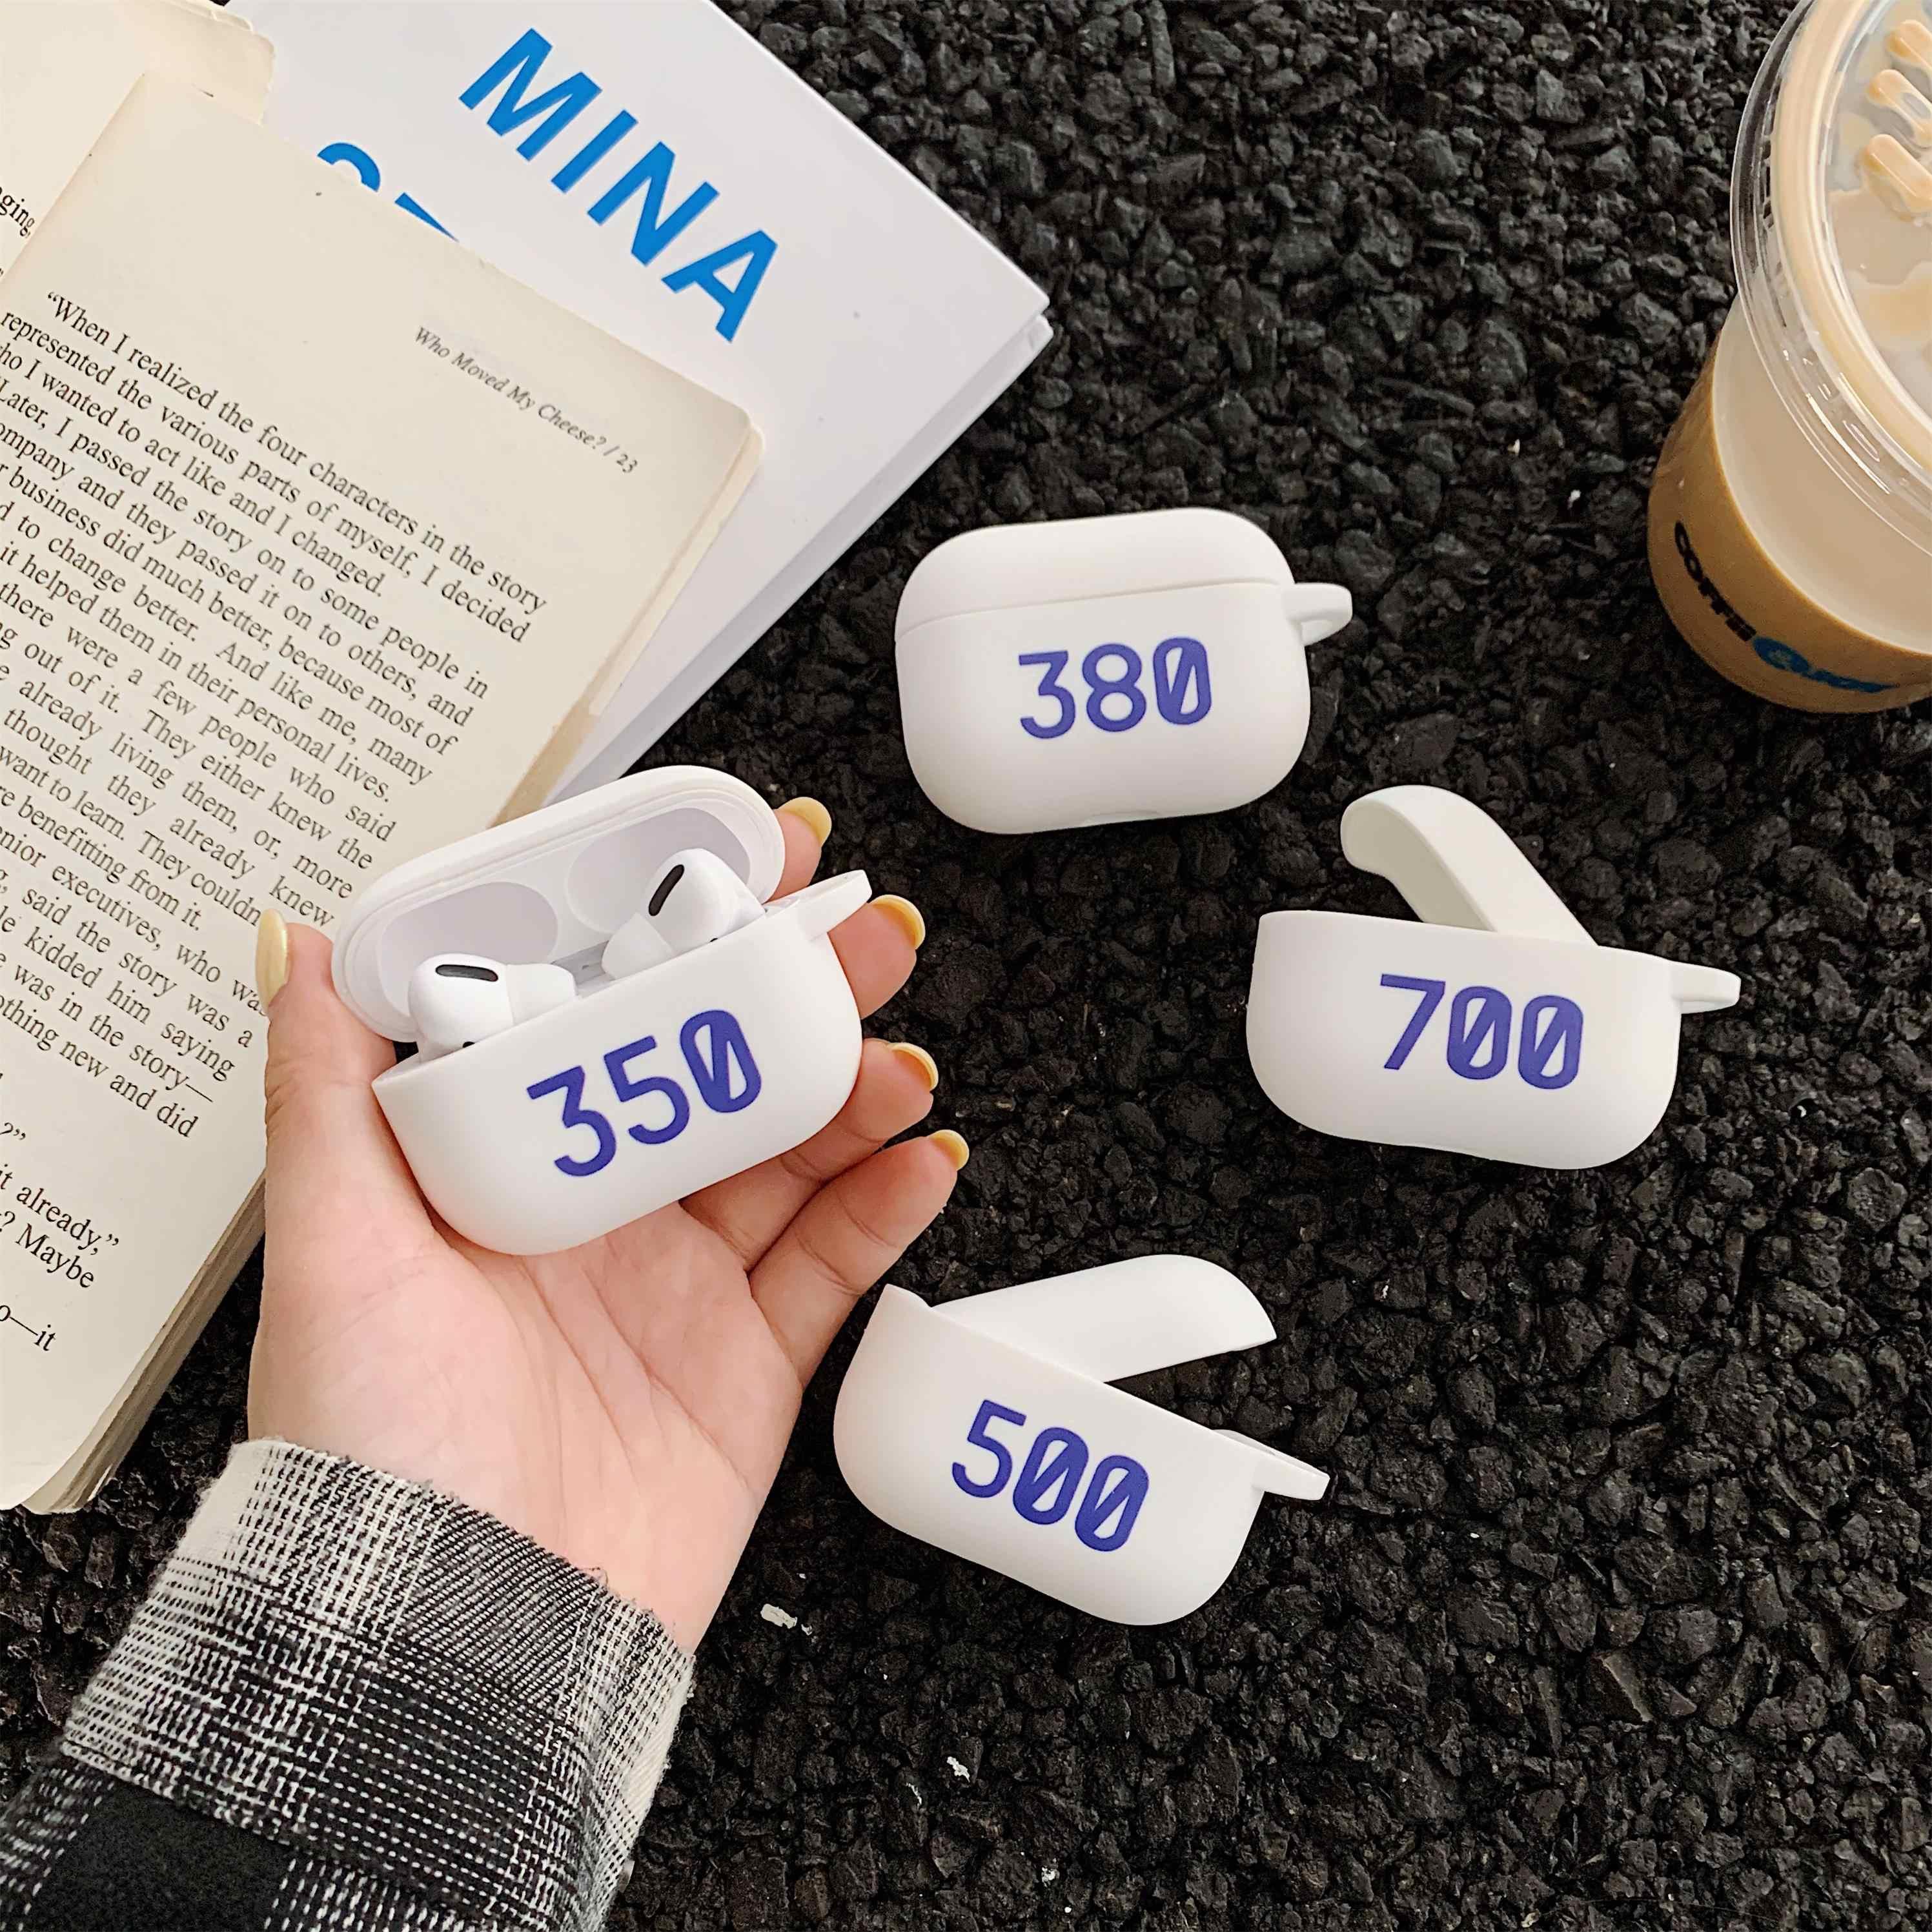 موضة 350 boost 700 طباعة أحذية نموذج غطاء من السيليكون ل أبل Airpods 1 2 سماعة لاسلكية تعمل بالبلوتوث سماعة واقية غطاء سماعة